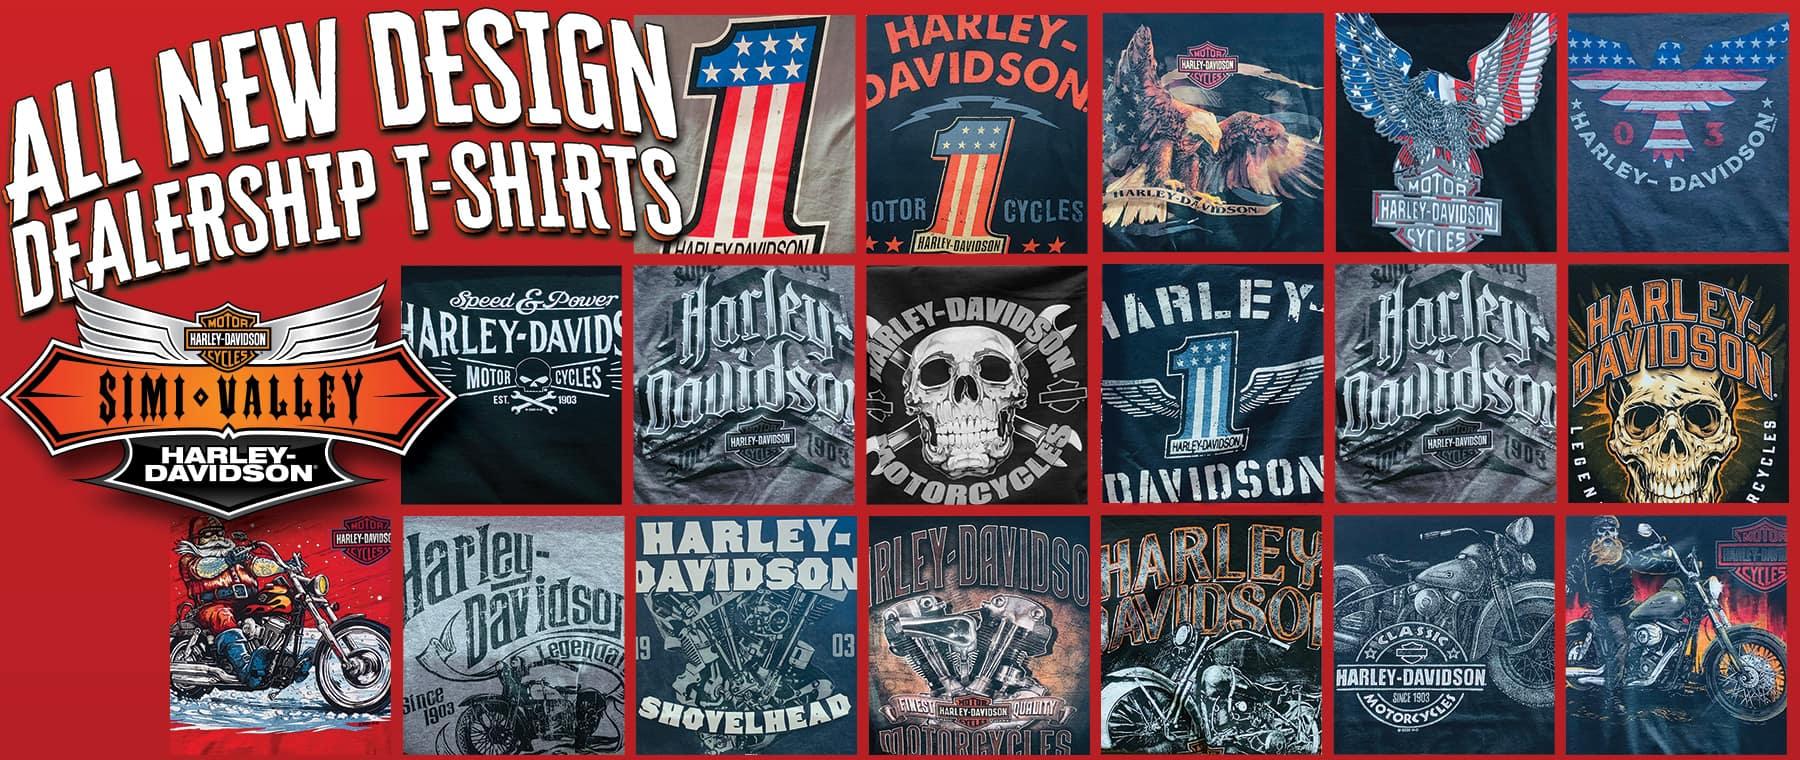 Dealership-T-shirt2020